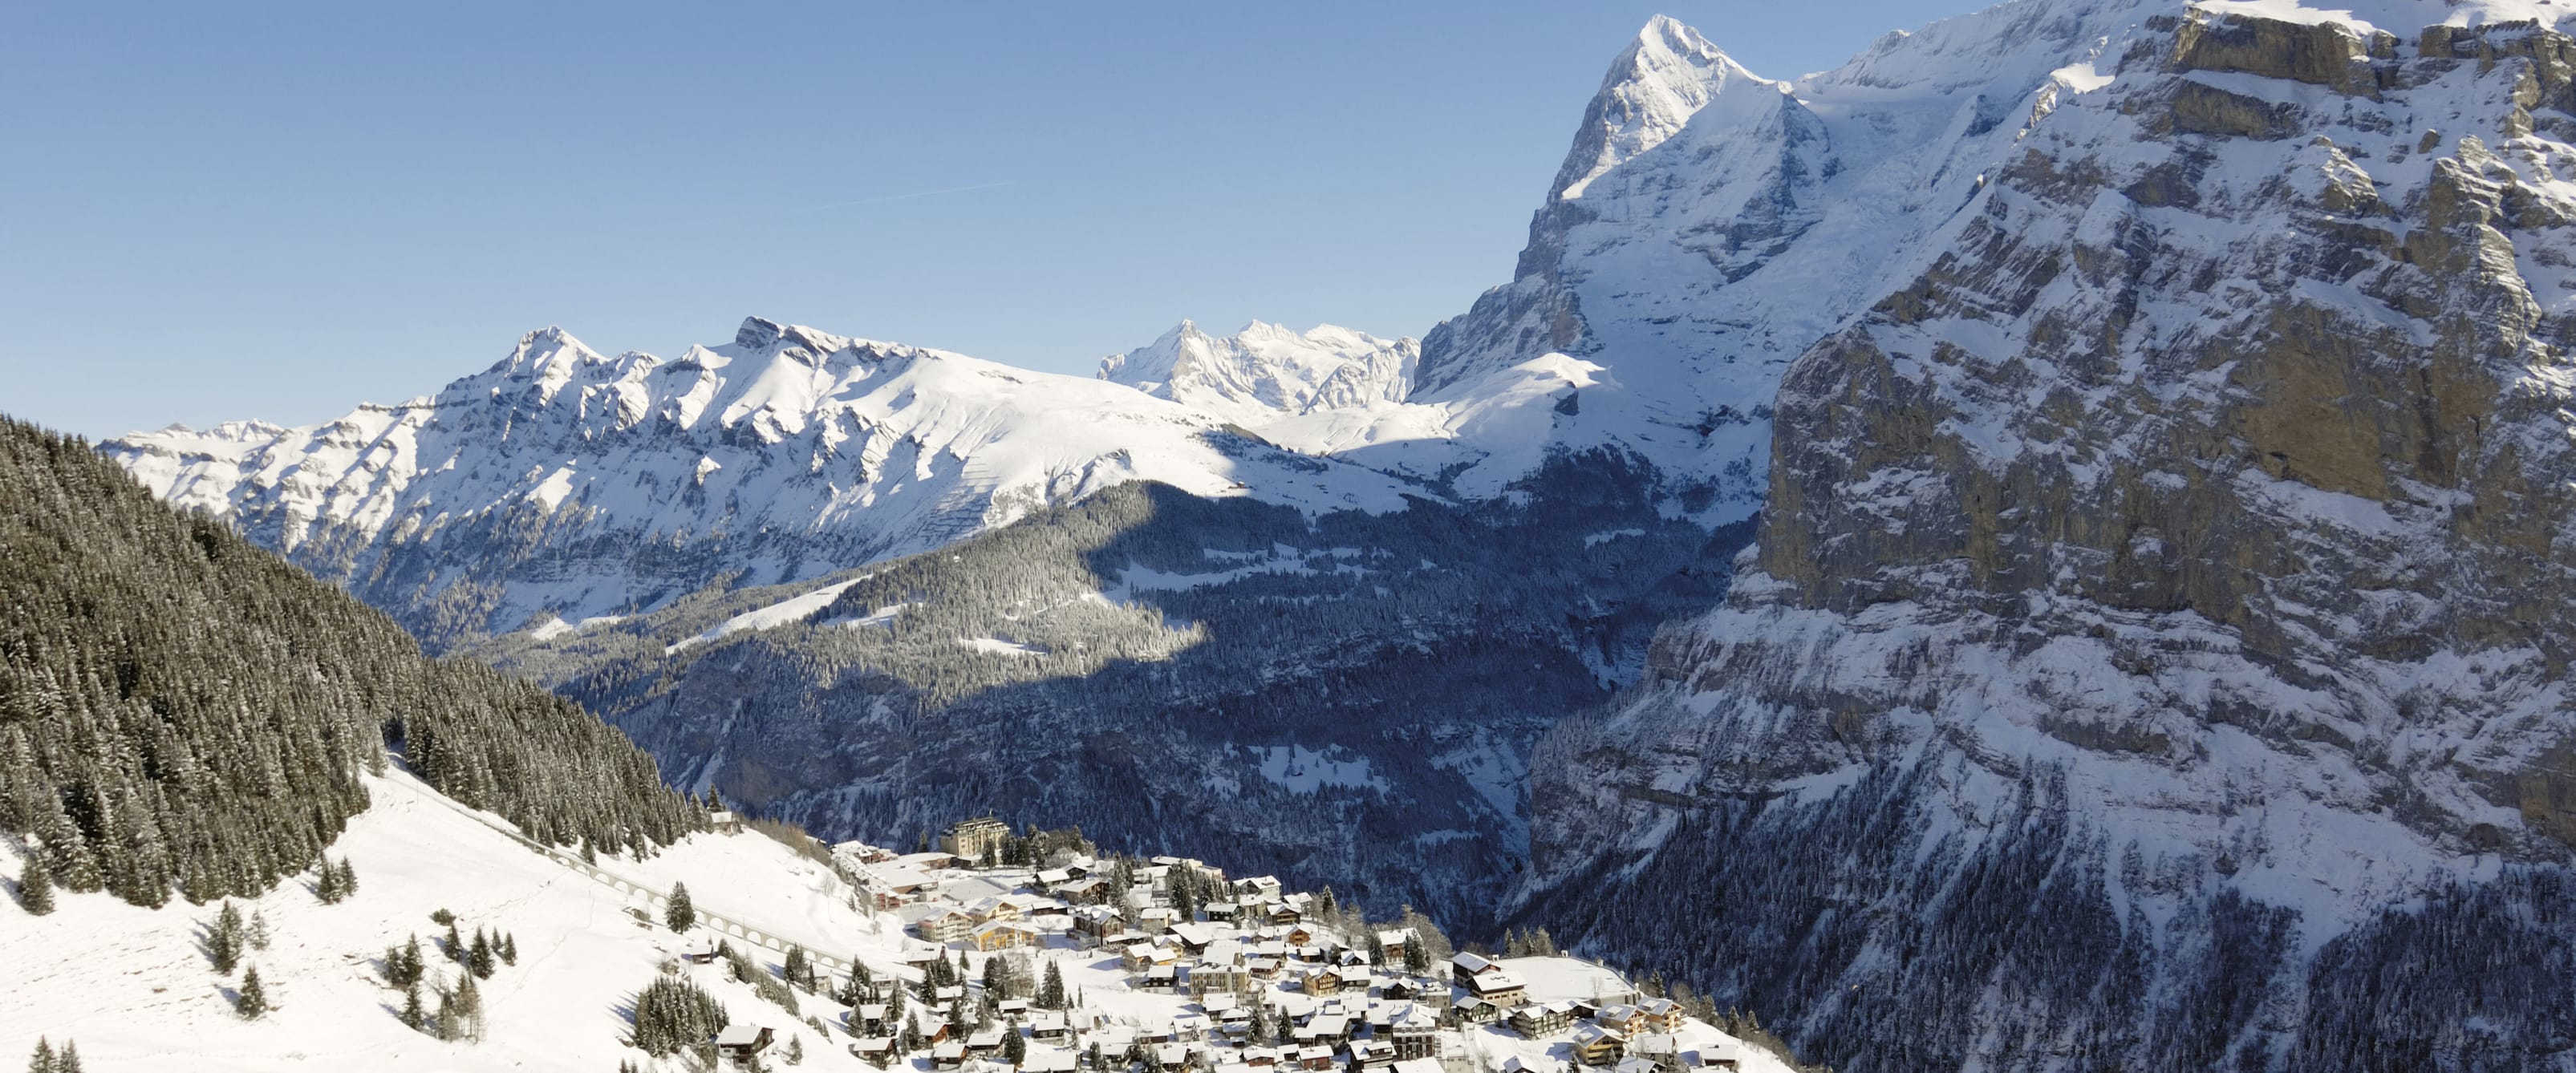 Muerren Winter Schnee Eiger Moench Panorama